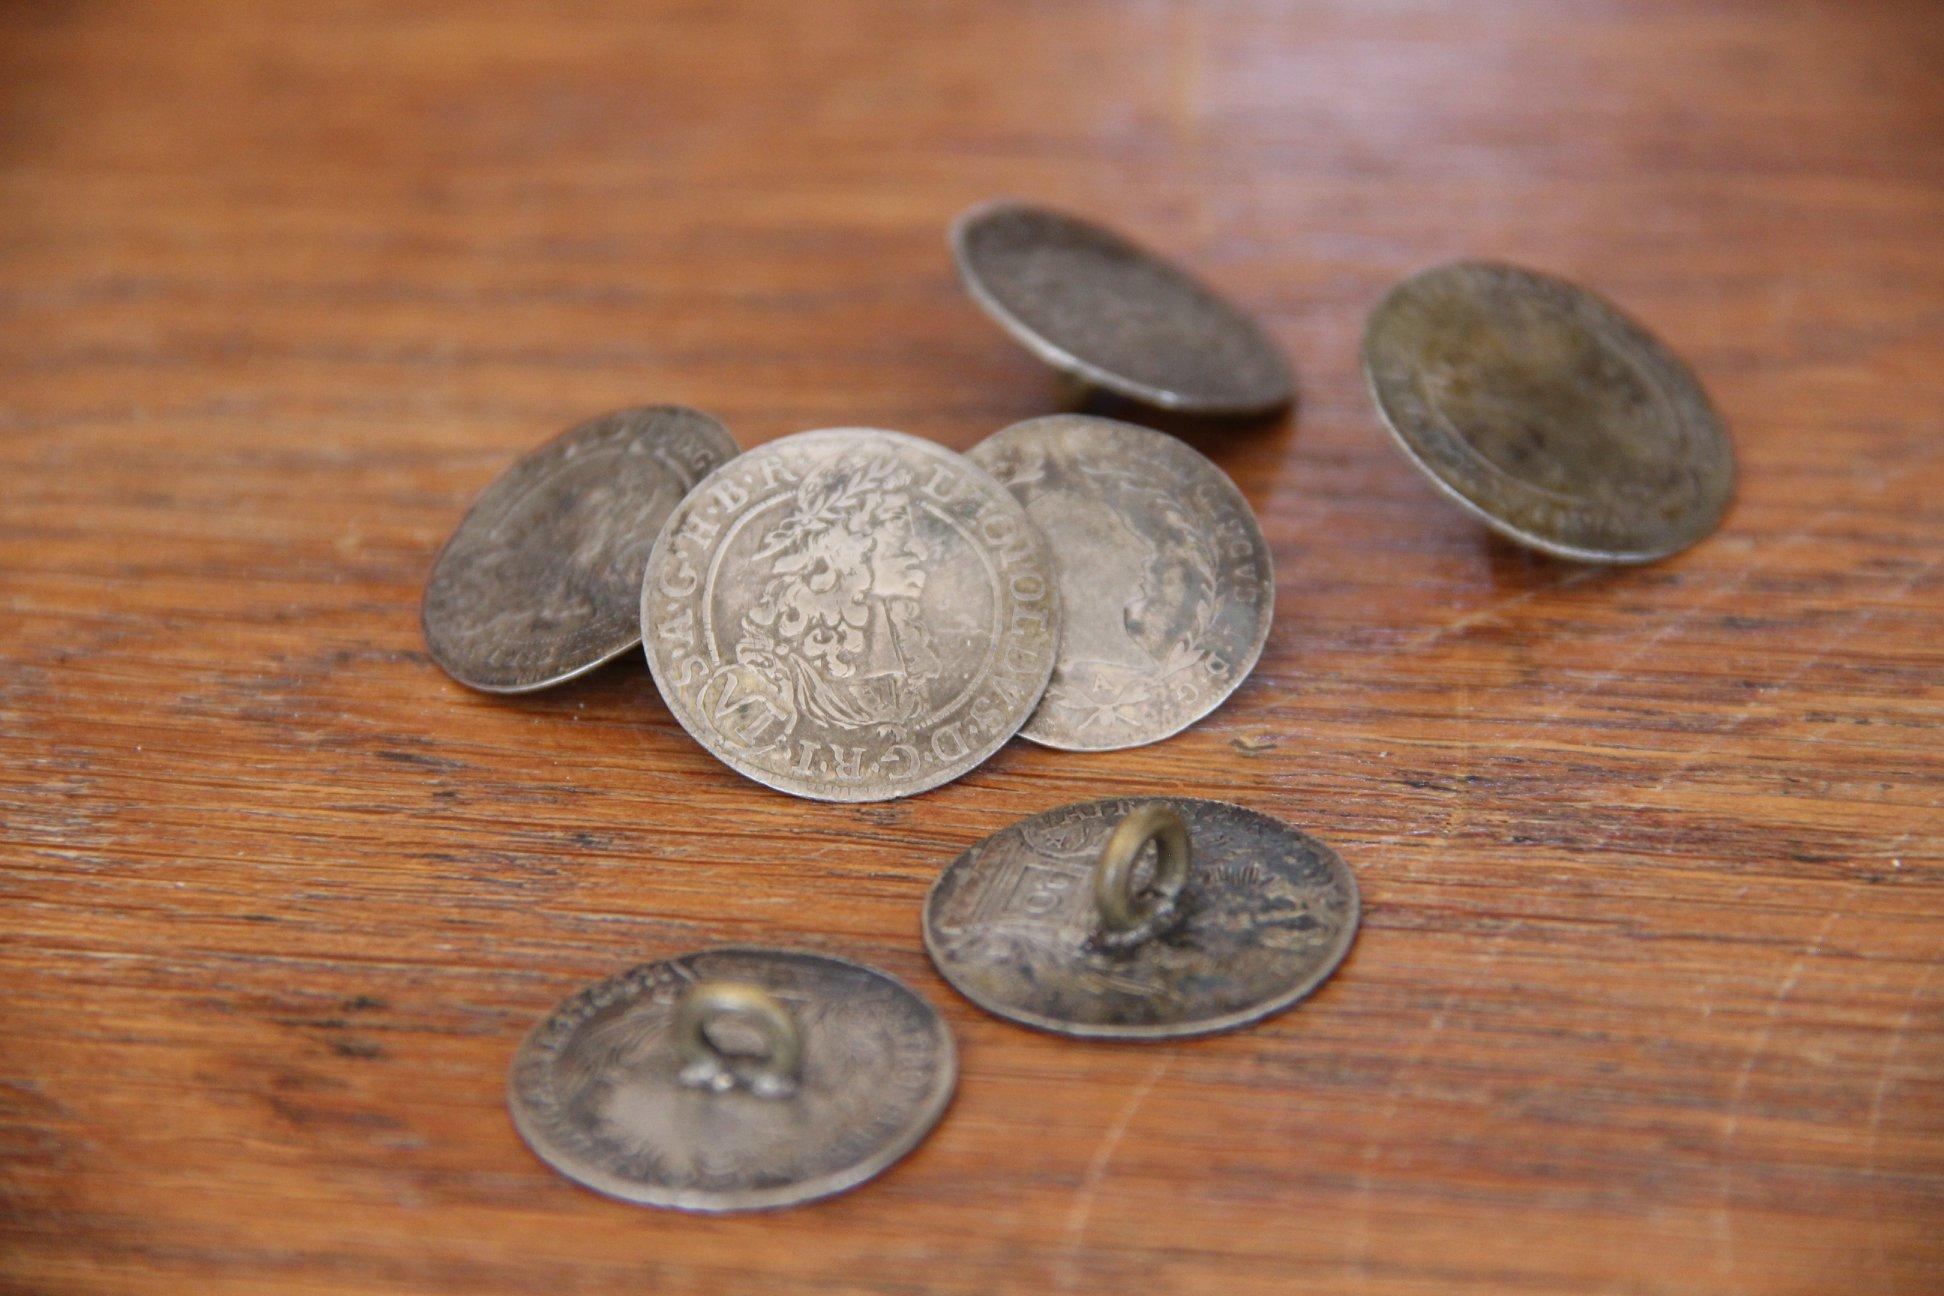 3. Sada historických stříbrných mincí upravených na knoflíky, vyvolávací cena 800,- Kč